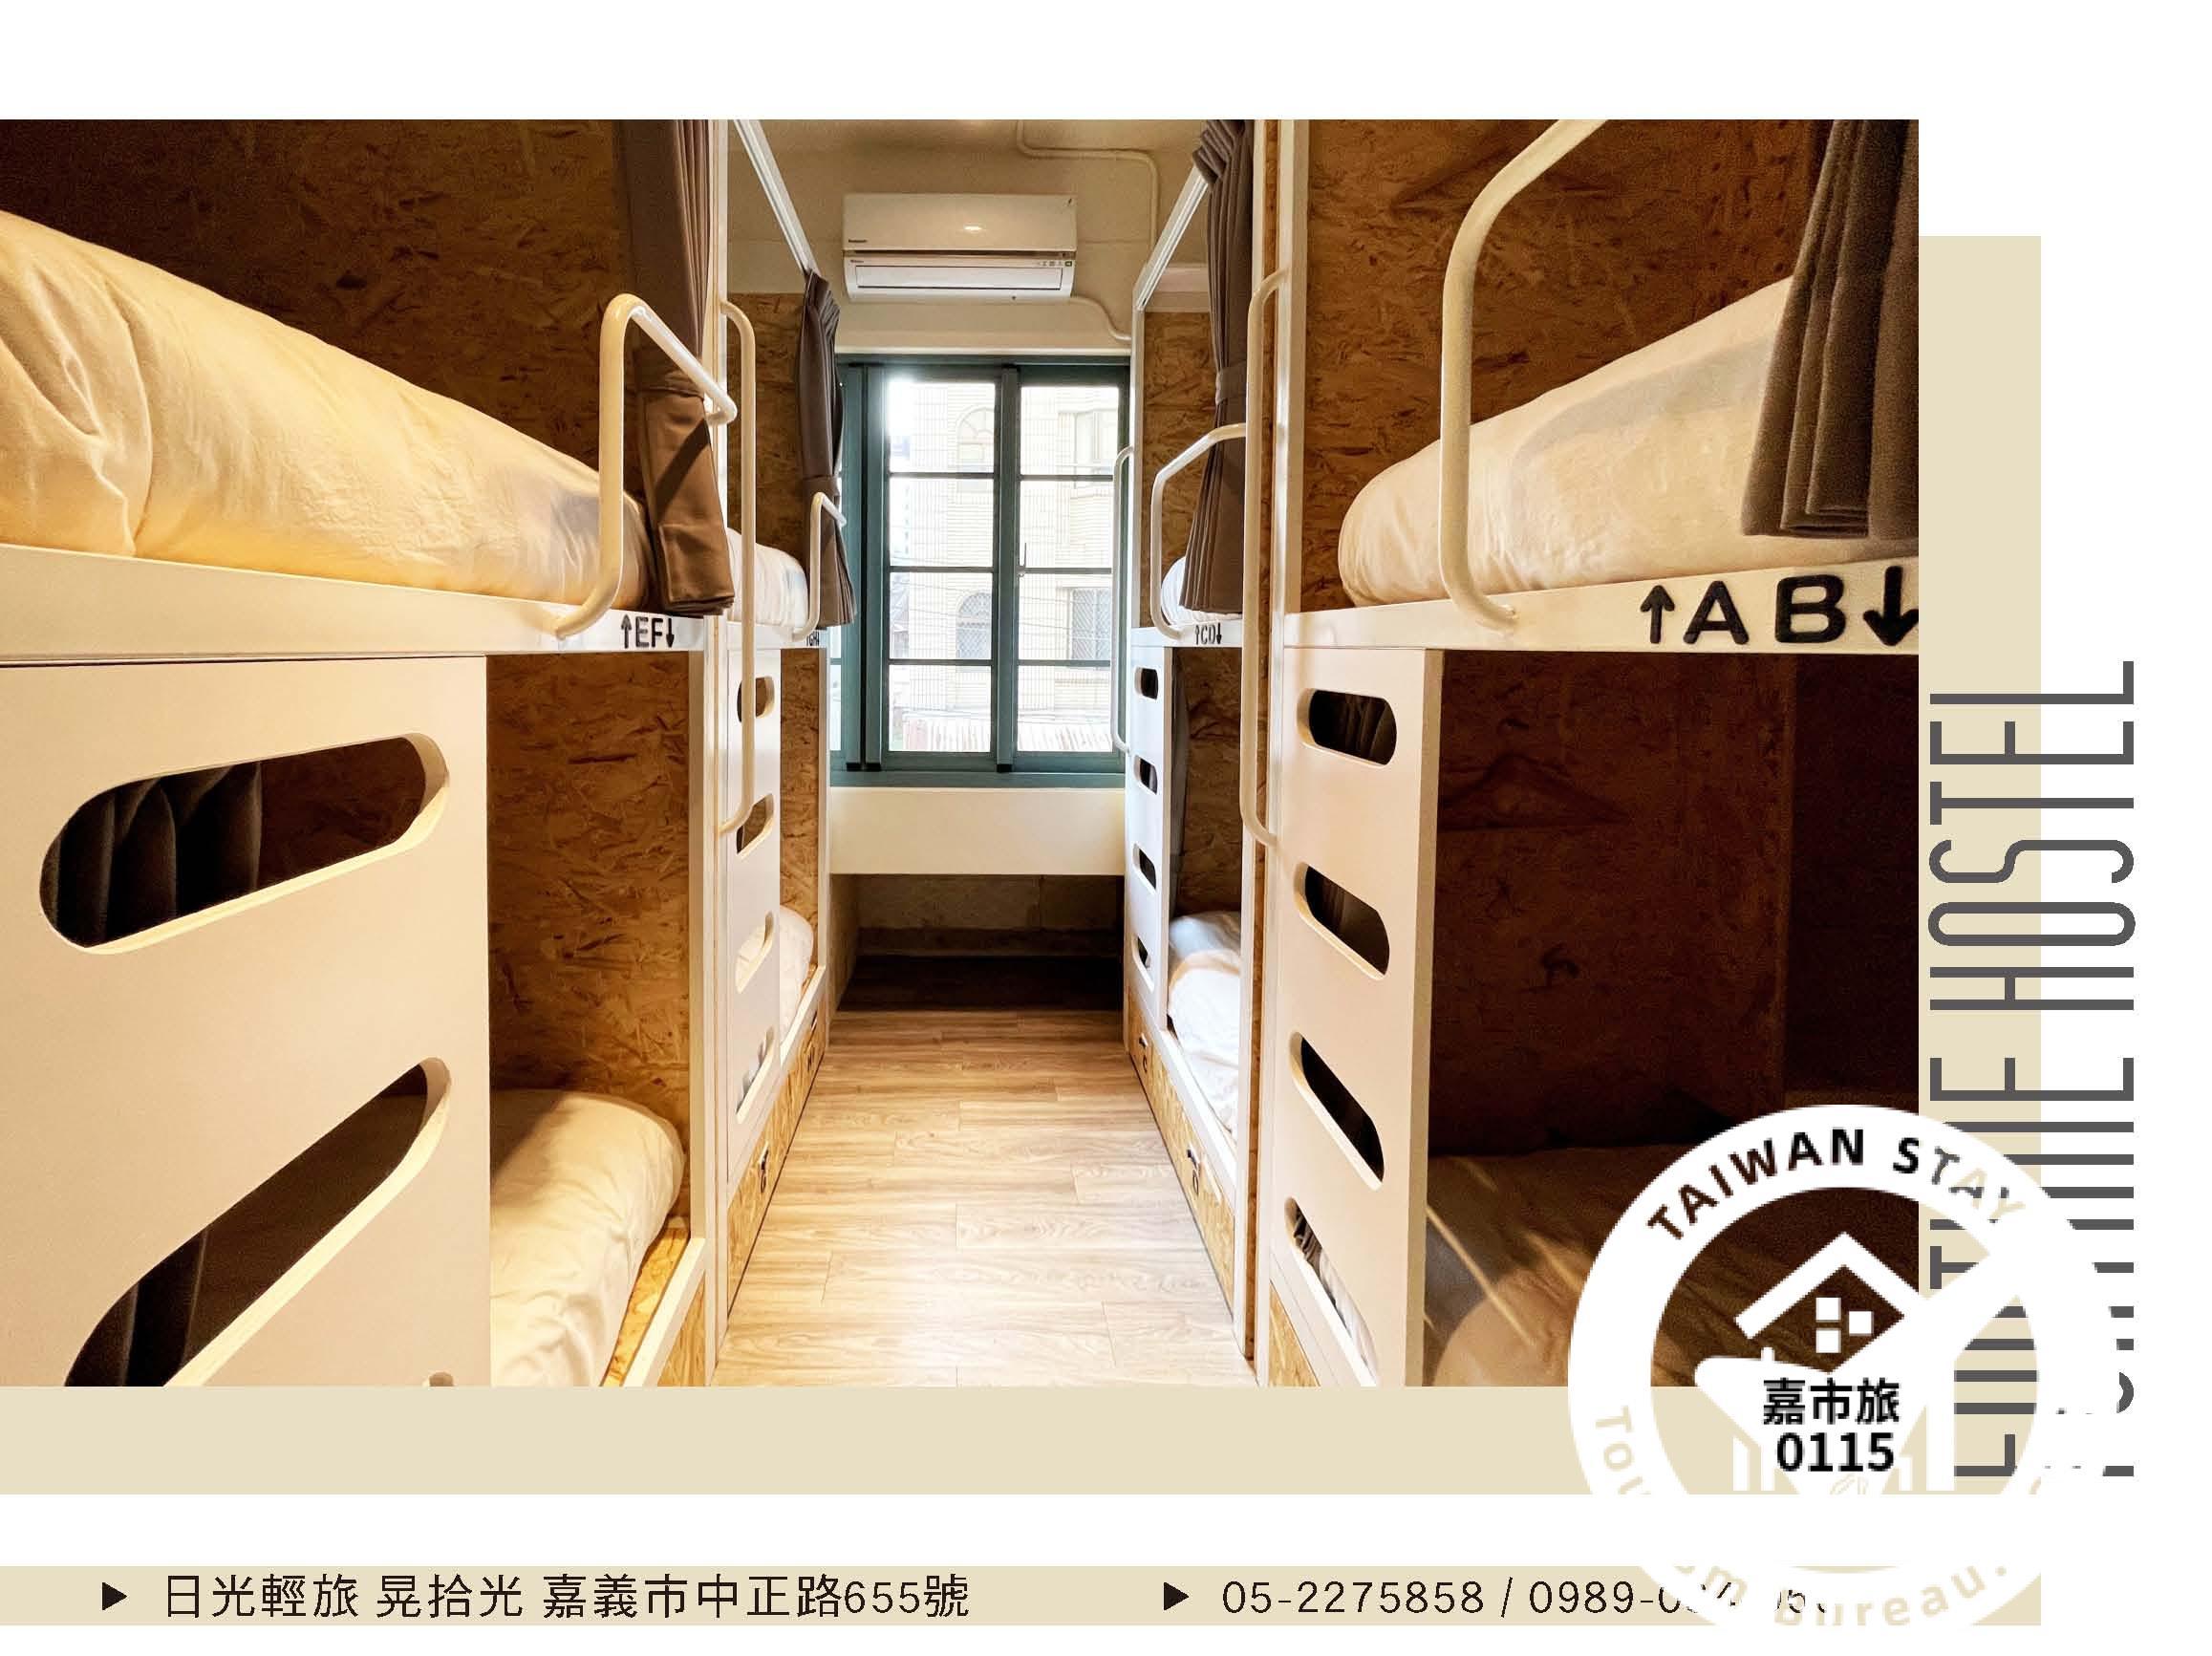 8床男生宿舍照片_1